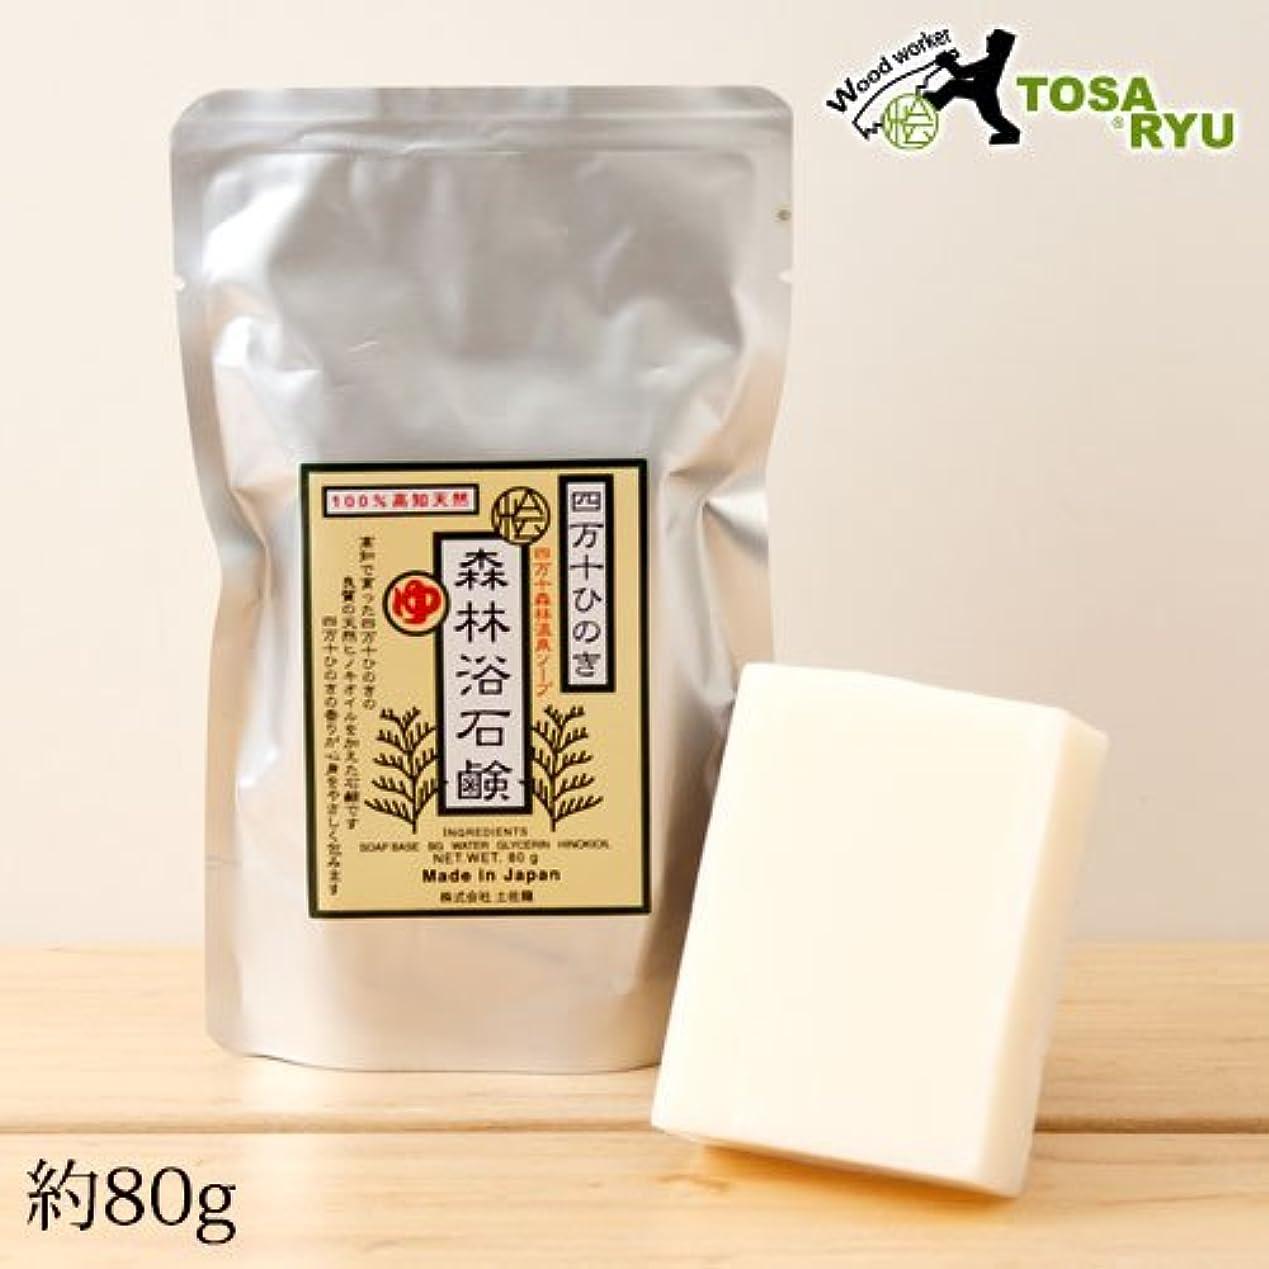 実行あらゆる種類の取り出す土佐龍四万十森林温泉石鹸ひのきの香りのアロマソープ高知県の工芸品Aroma soap scent of cypress, Kochi craft